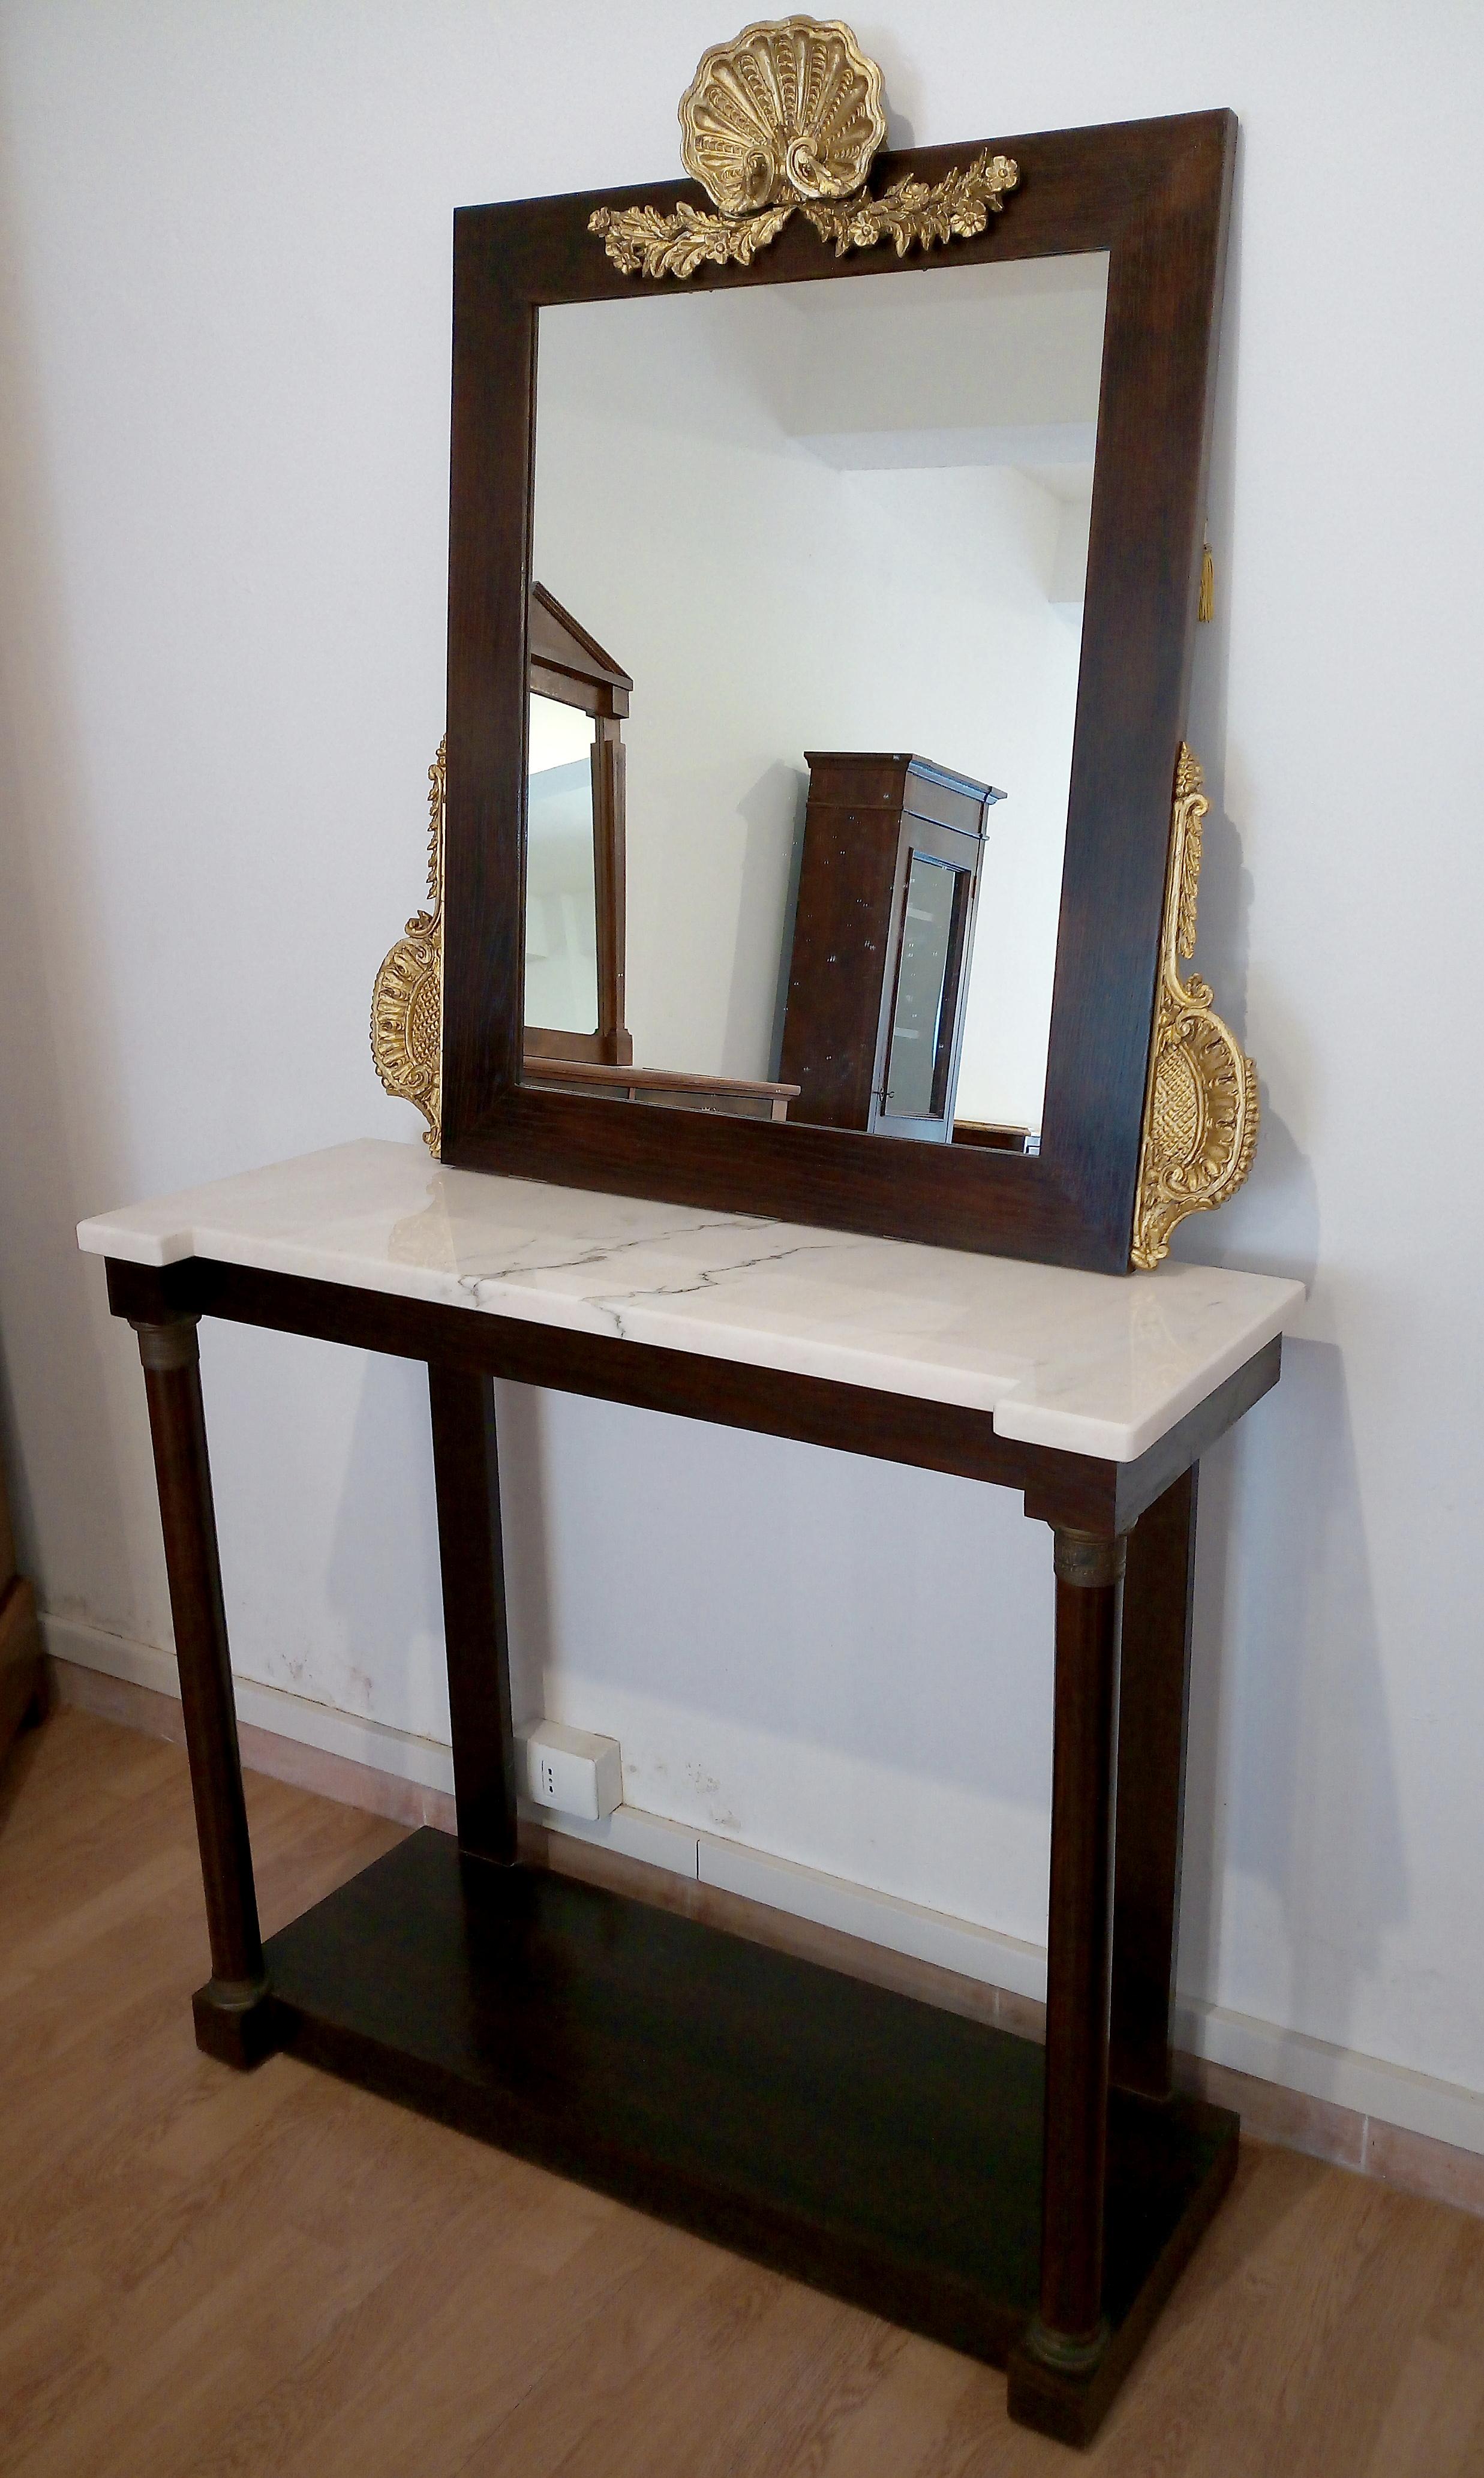 Konsole mit Spiegel Vintage italienischen klassischen Stil